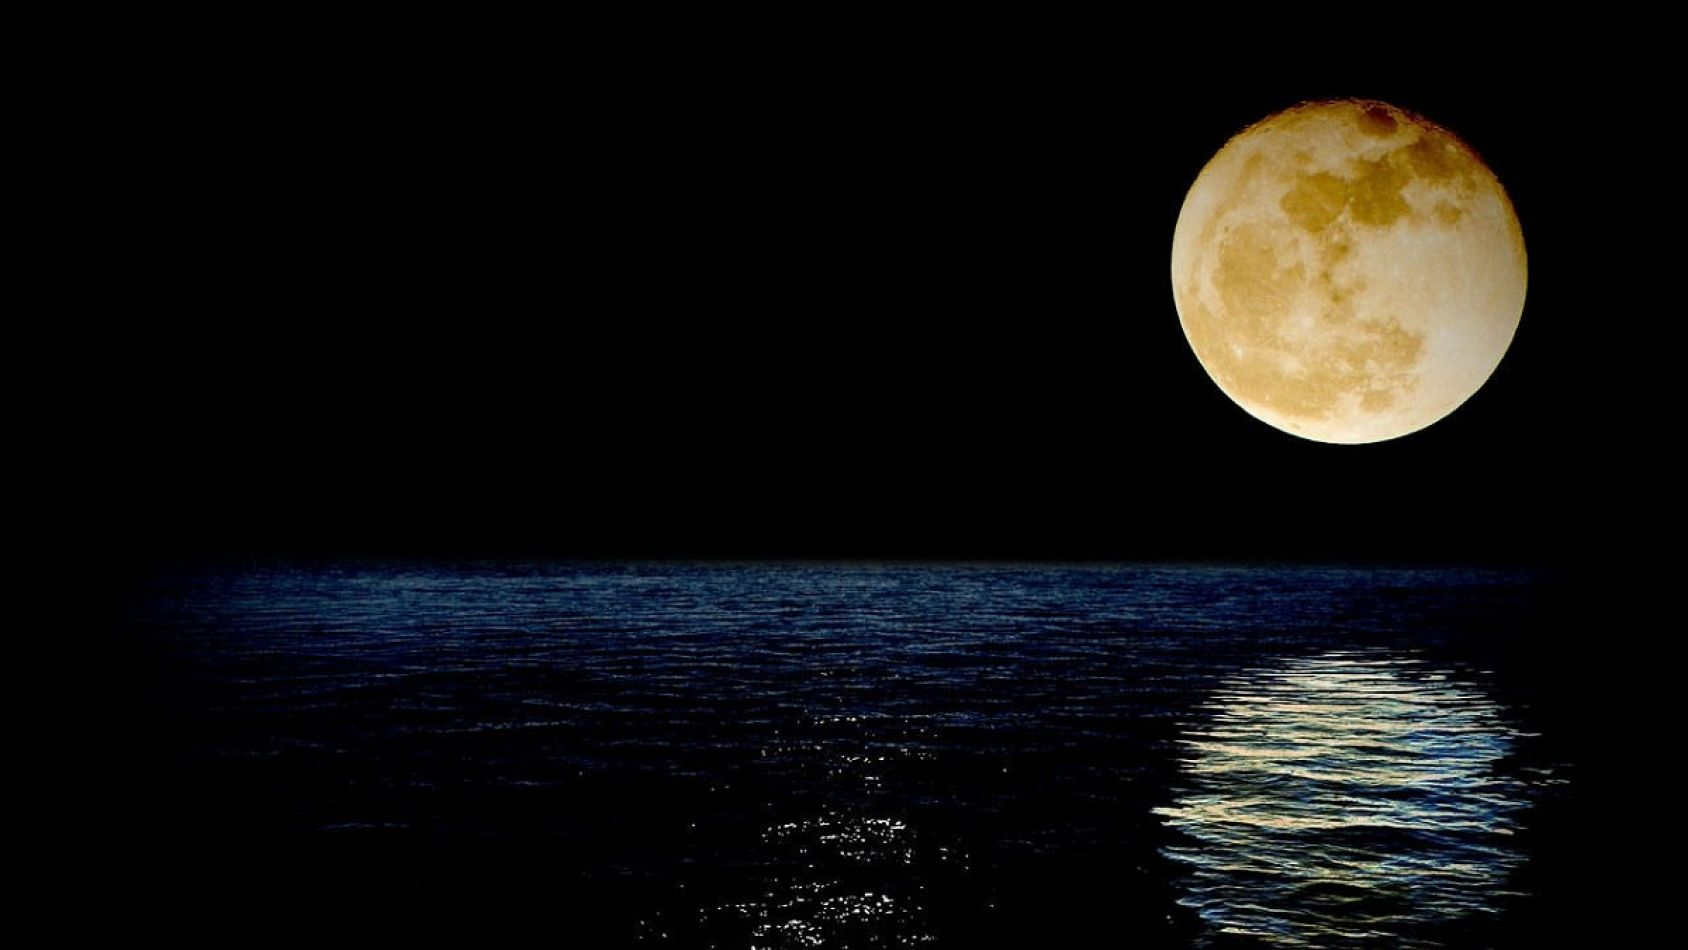 Se espera una superluna para la noche del 7 de abril.